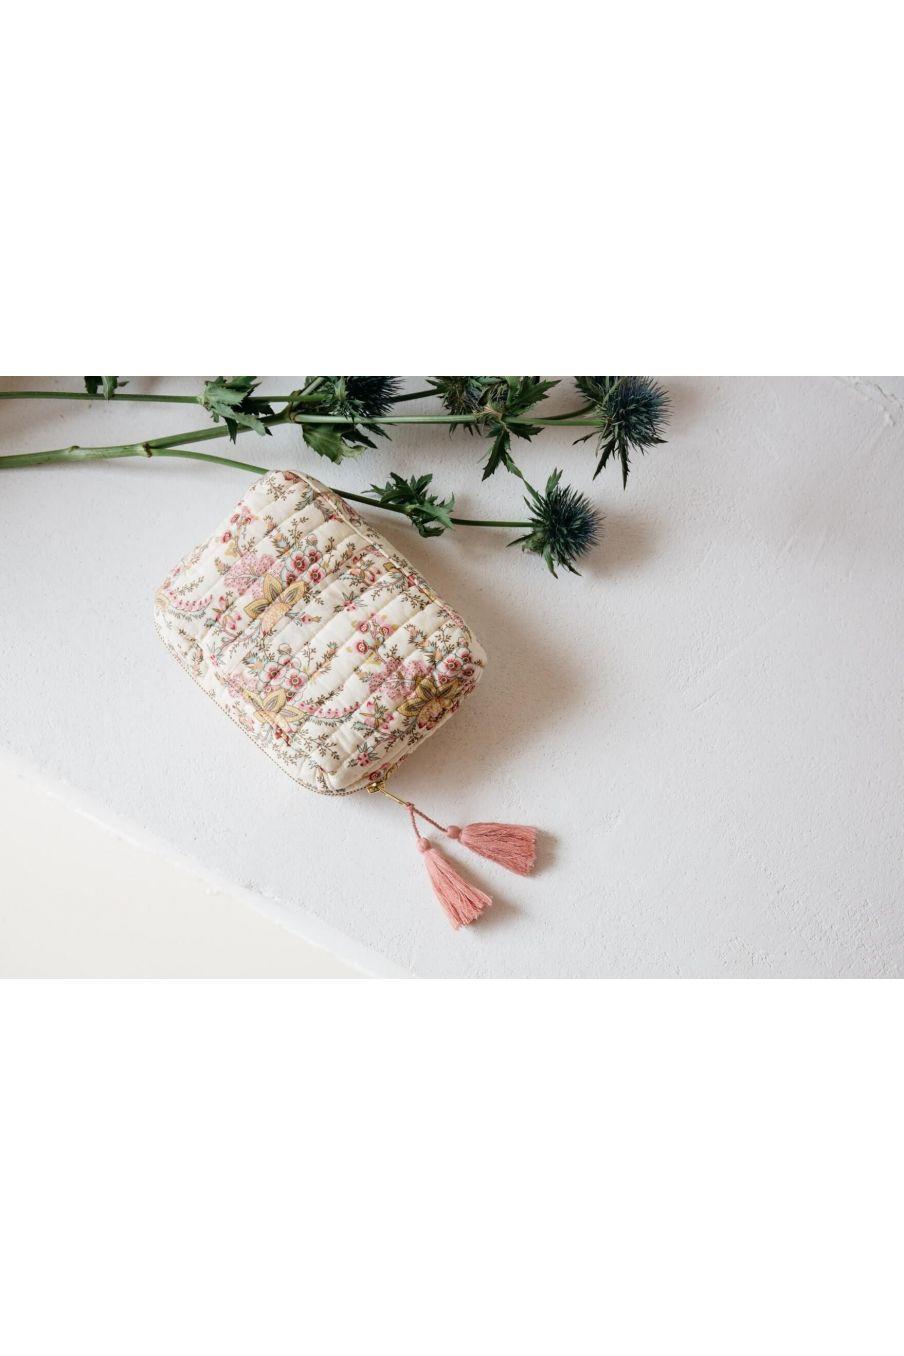 pochette maison marya cream french flowers - louise misha